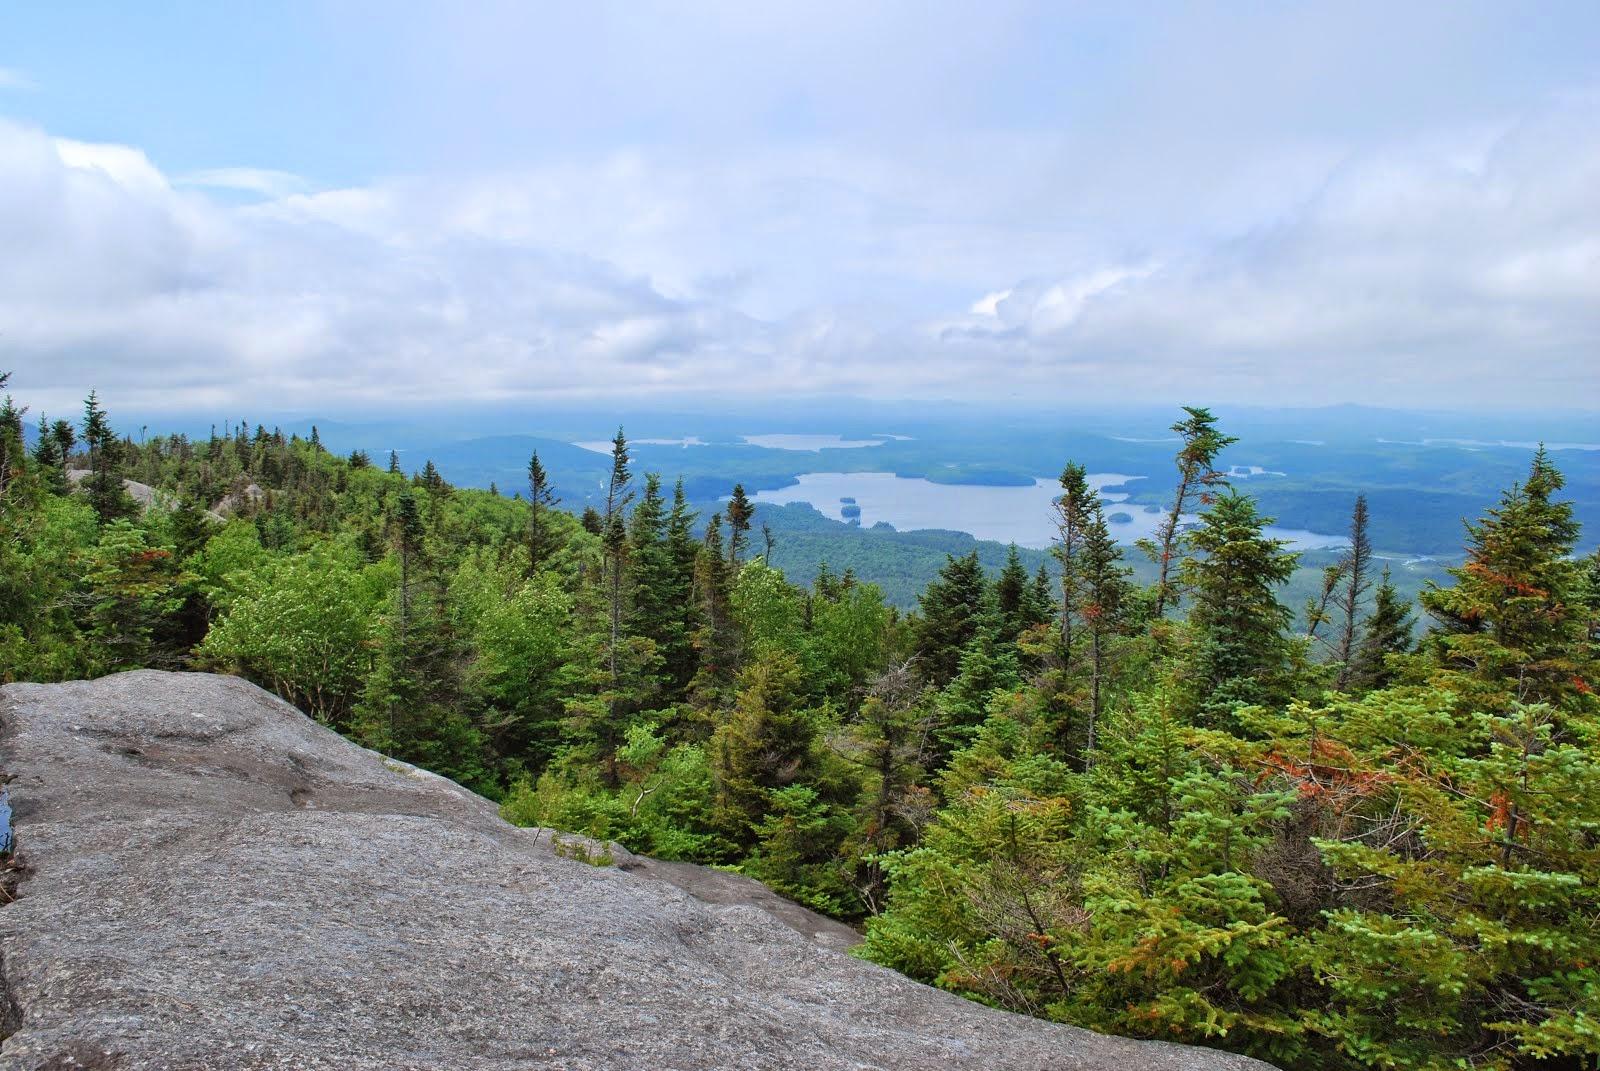 Summit of Ampersand Mountain